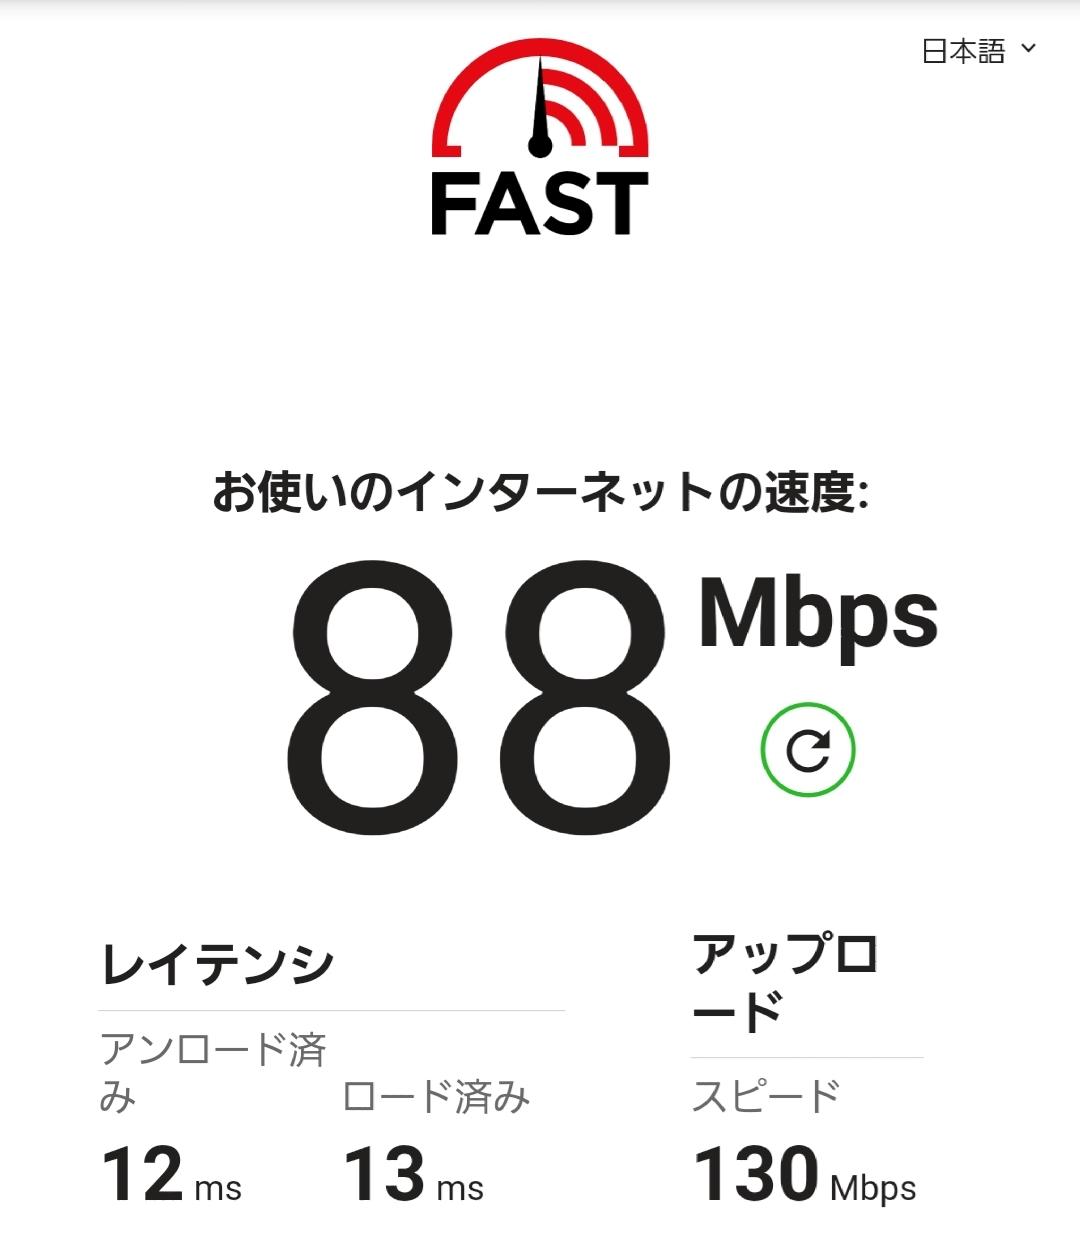 みんなのネットの回線速度、どれくらいのスピード???